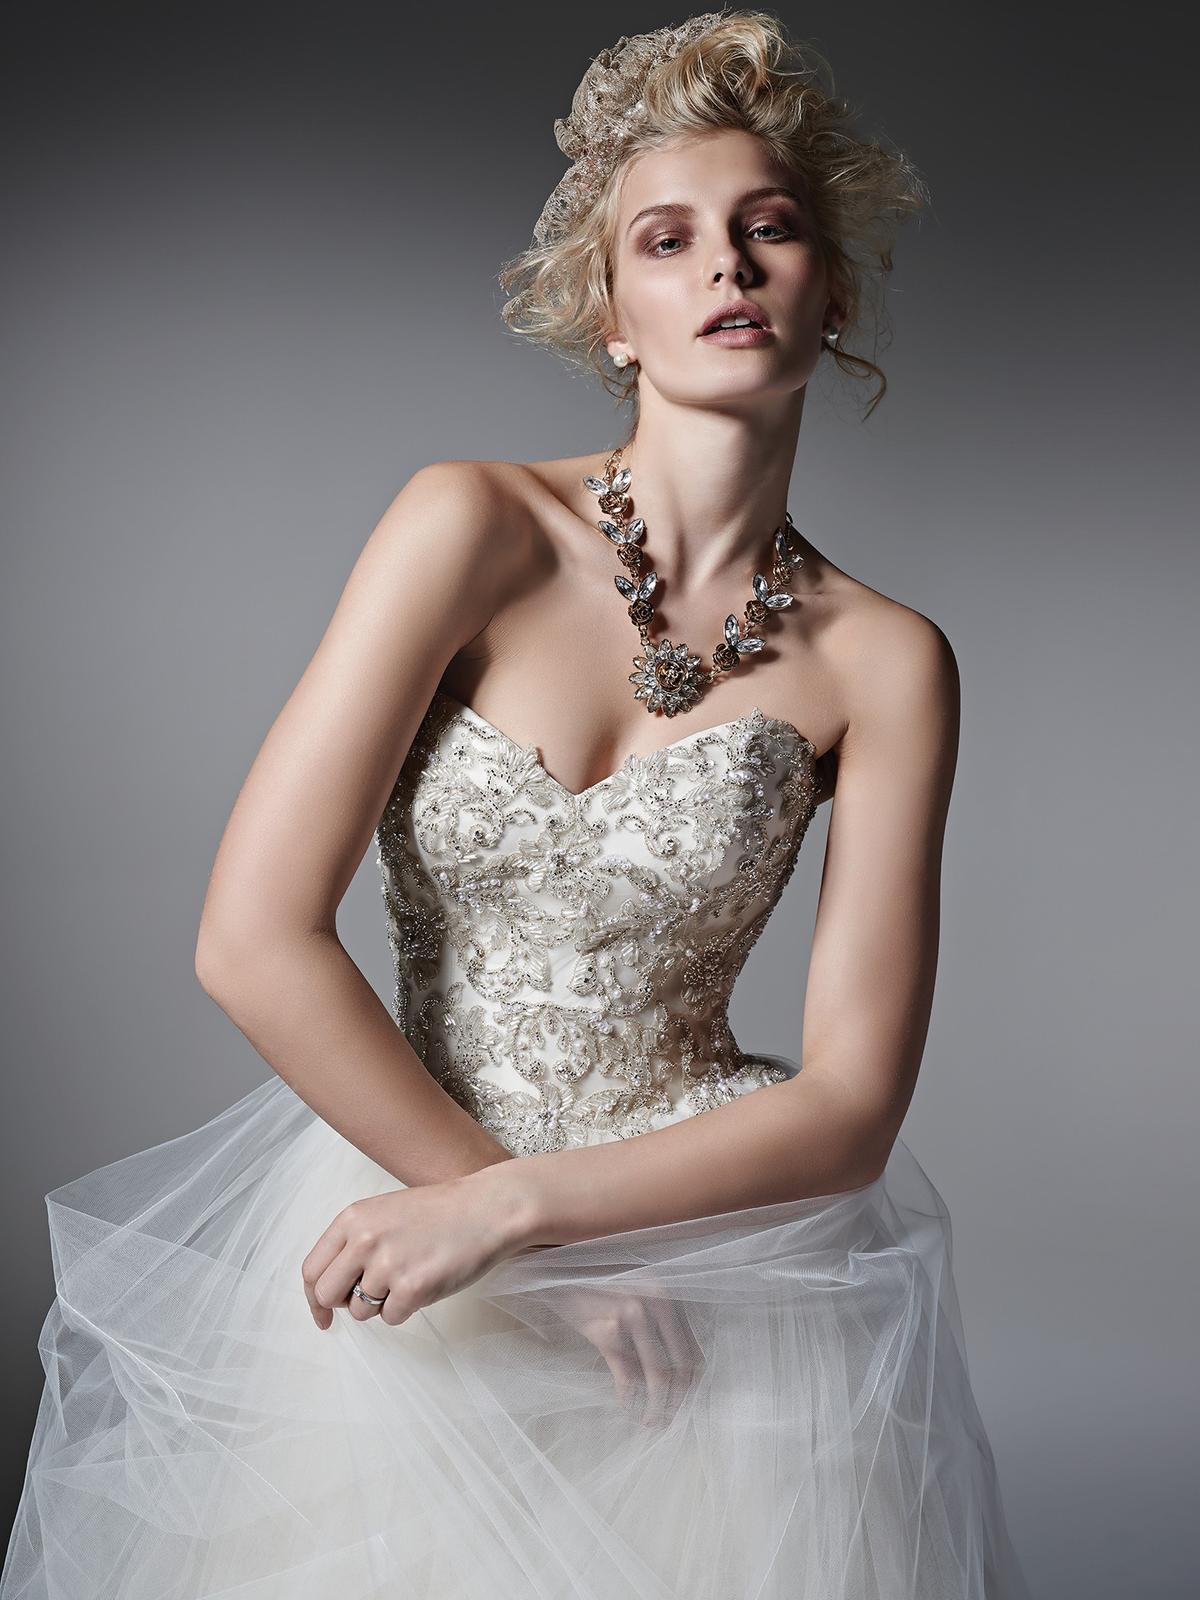 Pôvabné a luxusne pôsobiace svadobné šaty LAYLA prestížnej značky Sottero&Midgley na Vás čakajú v salóne Diamond v ŽILINE ;) - Obrázok č. 3